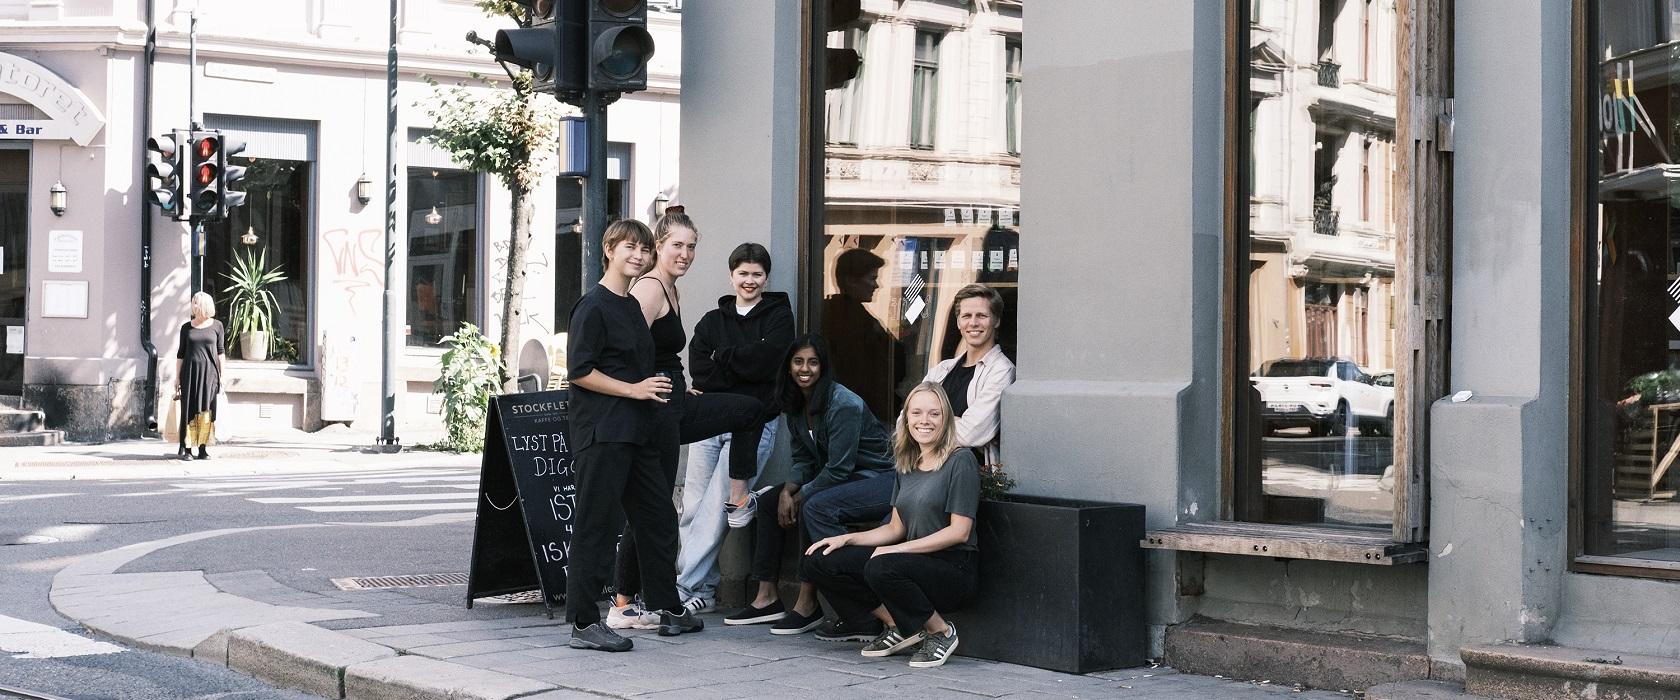 Seks mennesker utenfor en cafe i Oslo